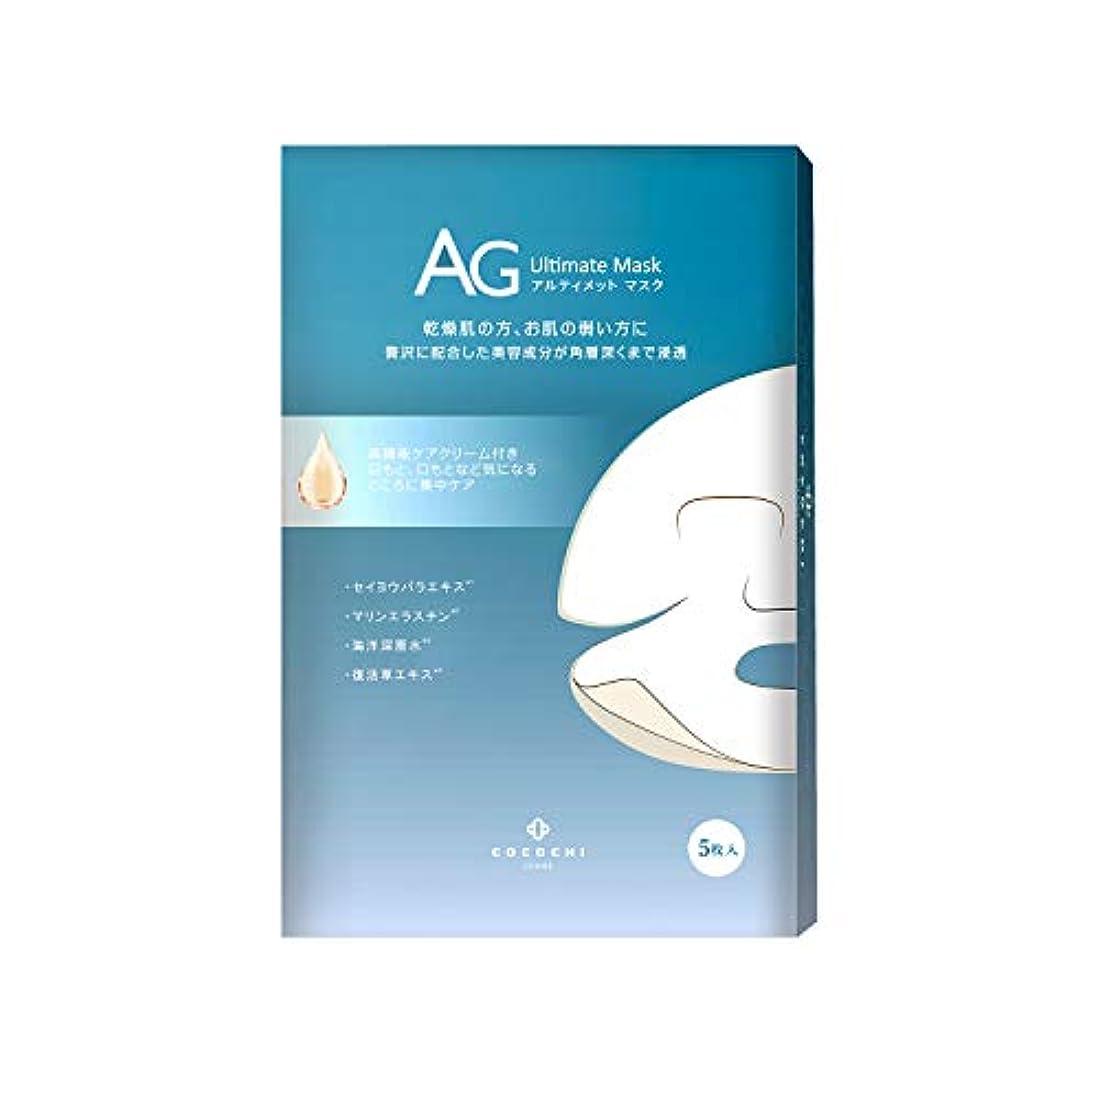 場合実装する目立つエージーアルティメット(AGアルティメット) エージーアルティメットオーシャンマスク フェイスマスク 5